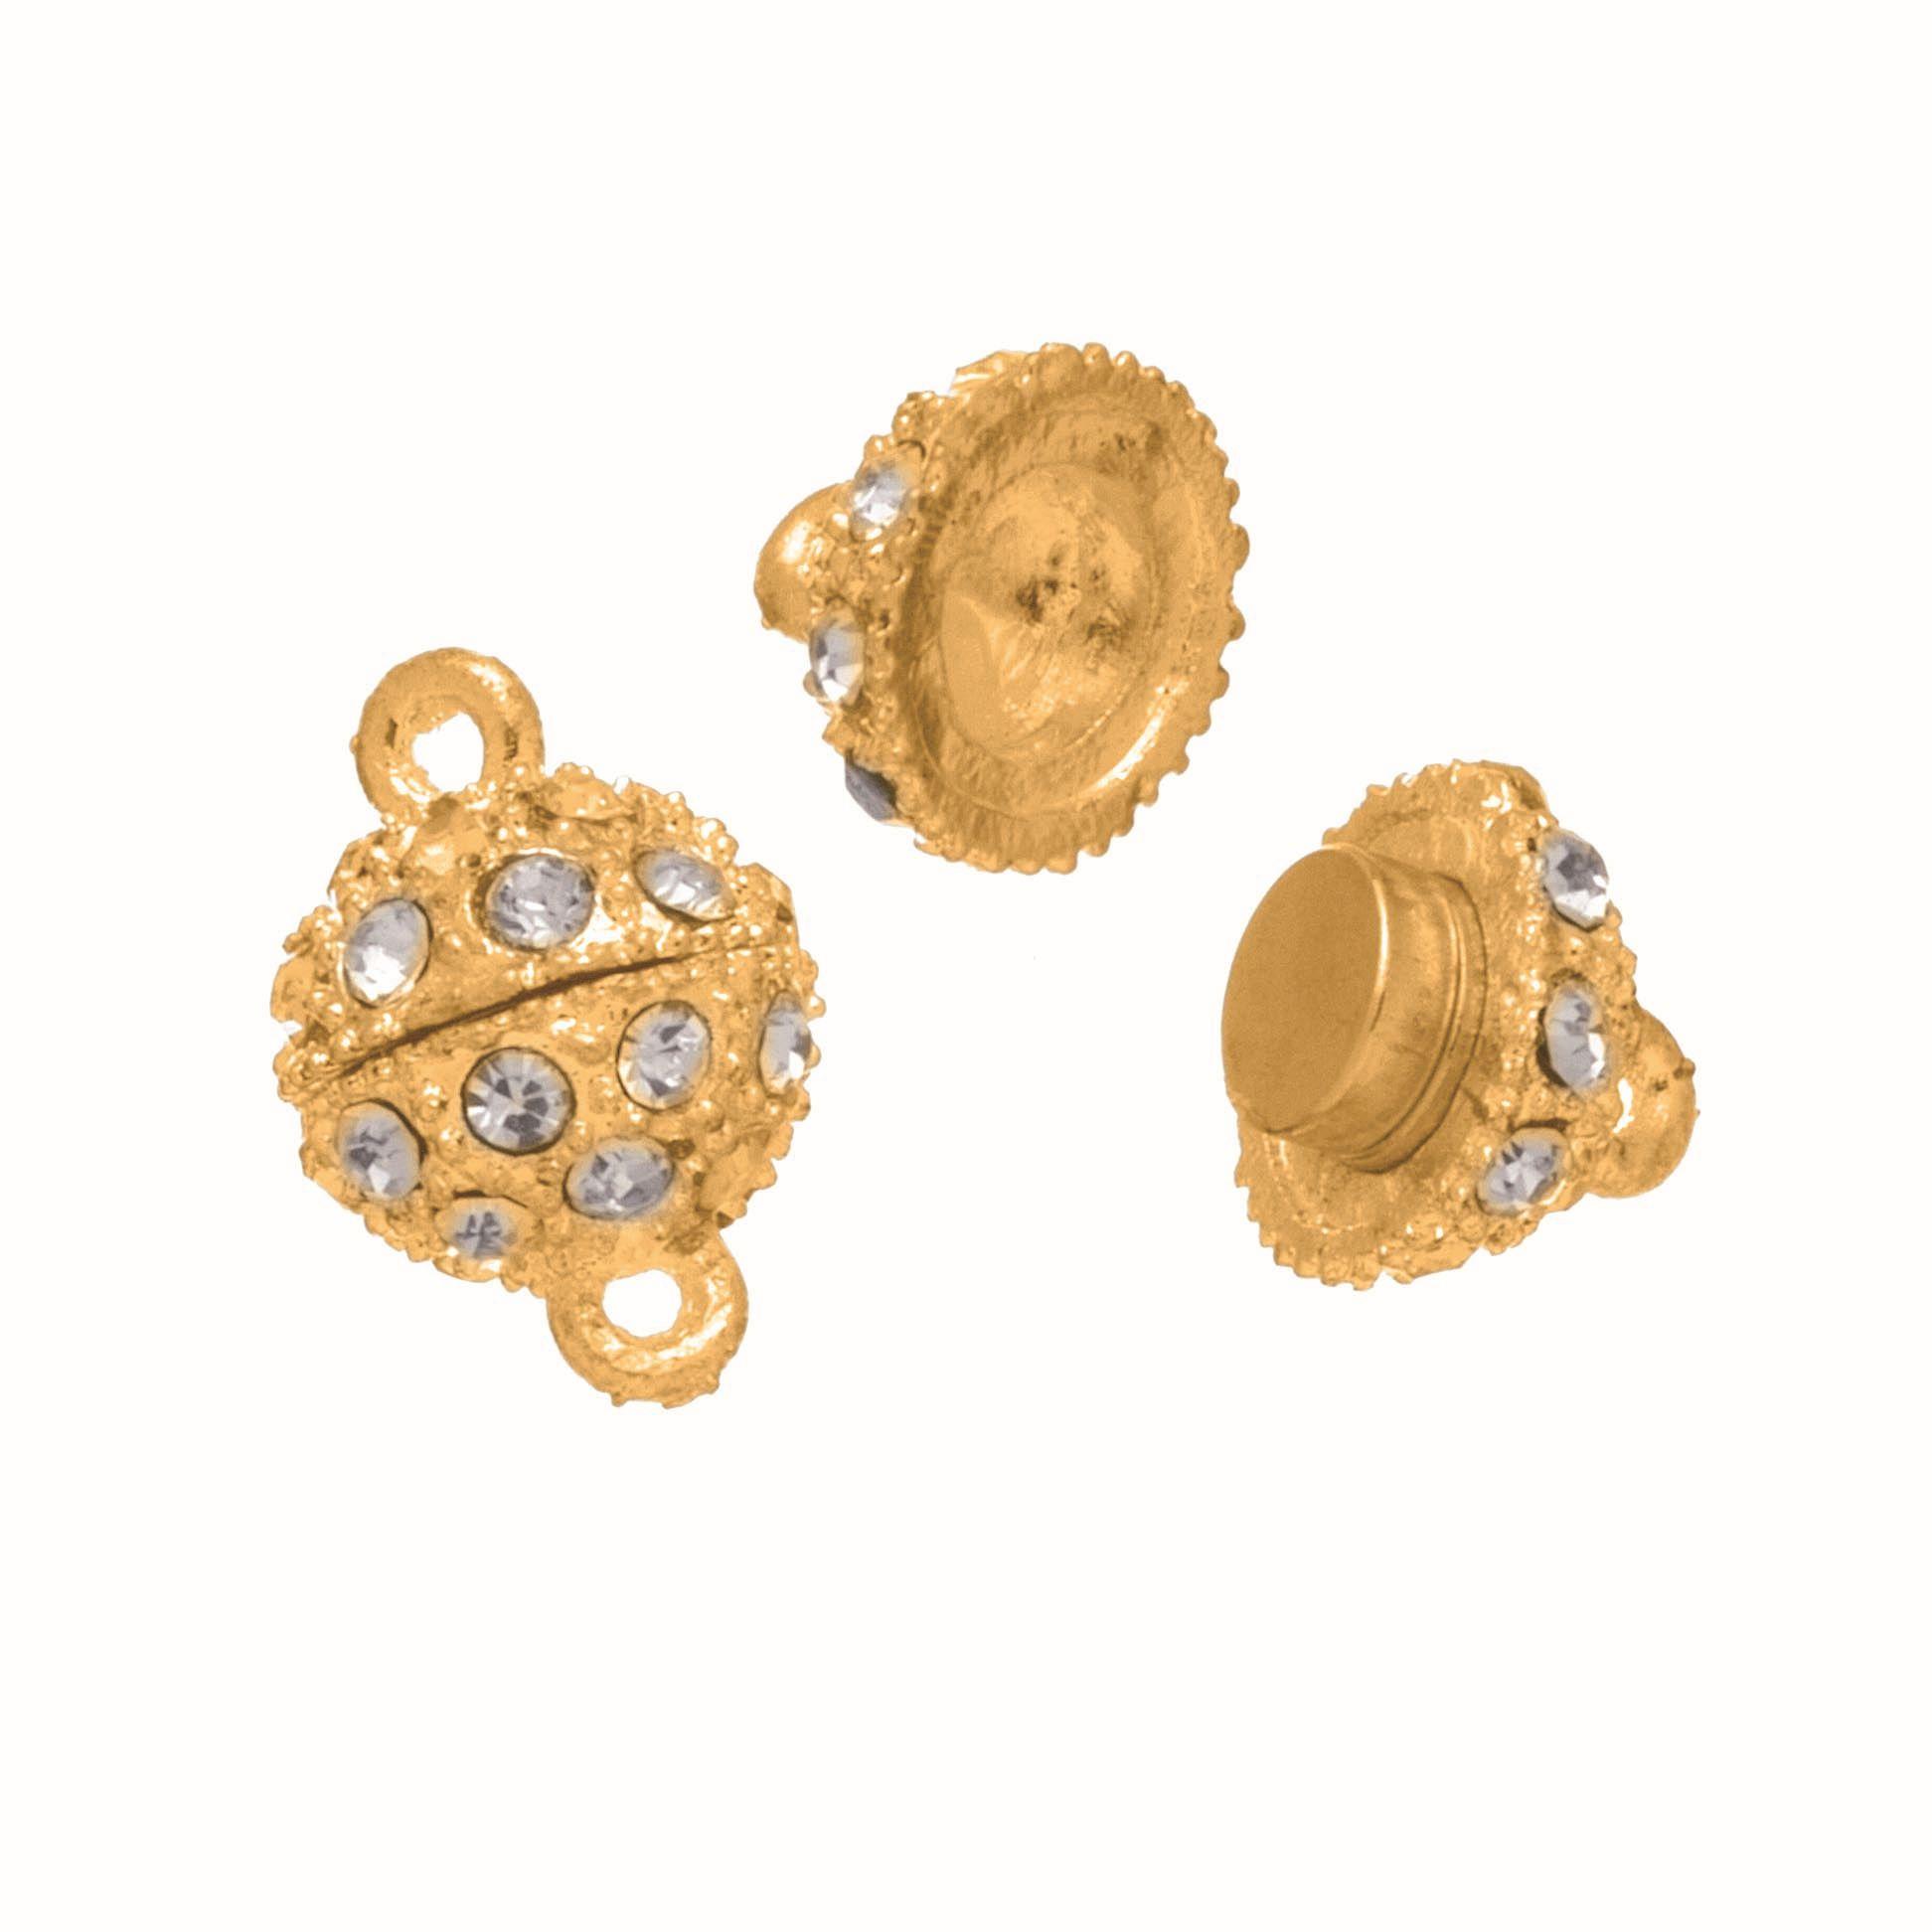 63714009 Магнитная застежка с кристаллом 1шт 13мм, золото Glorex